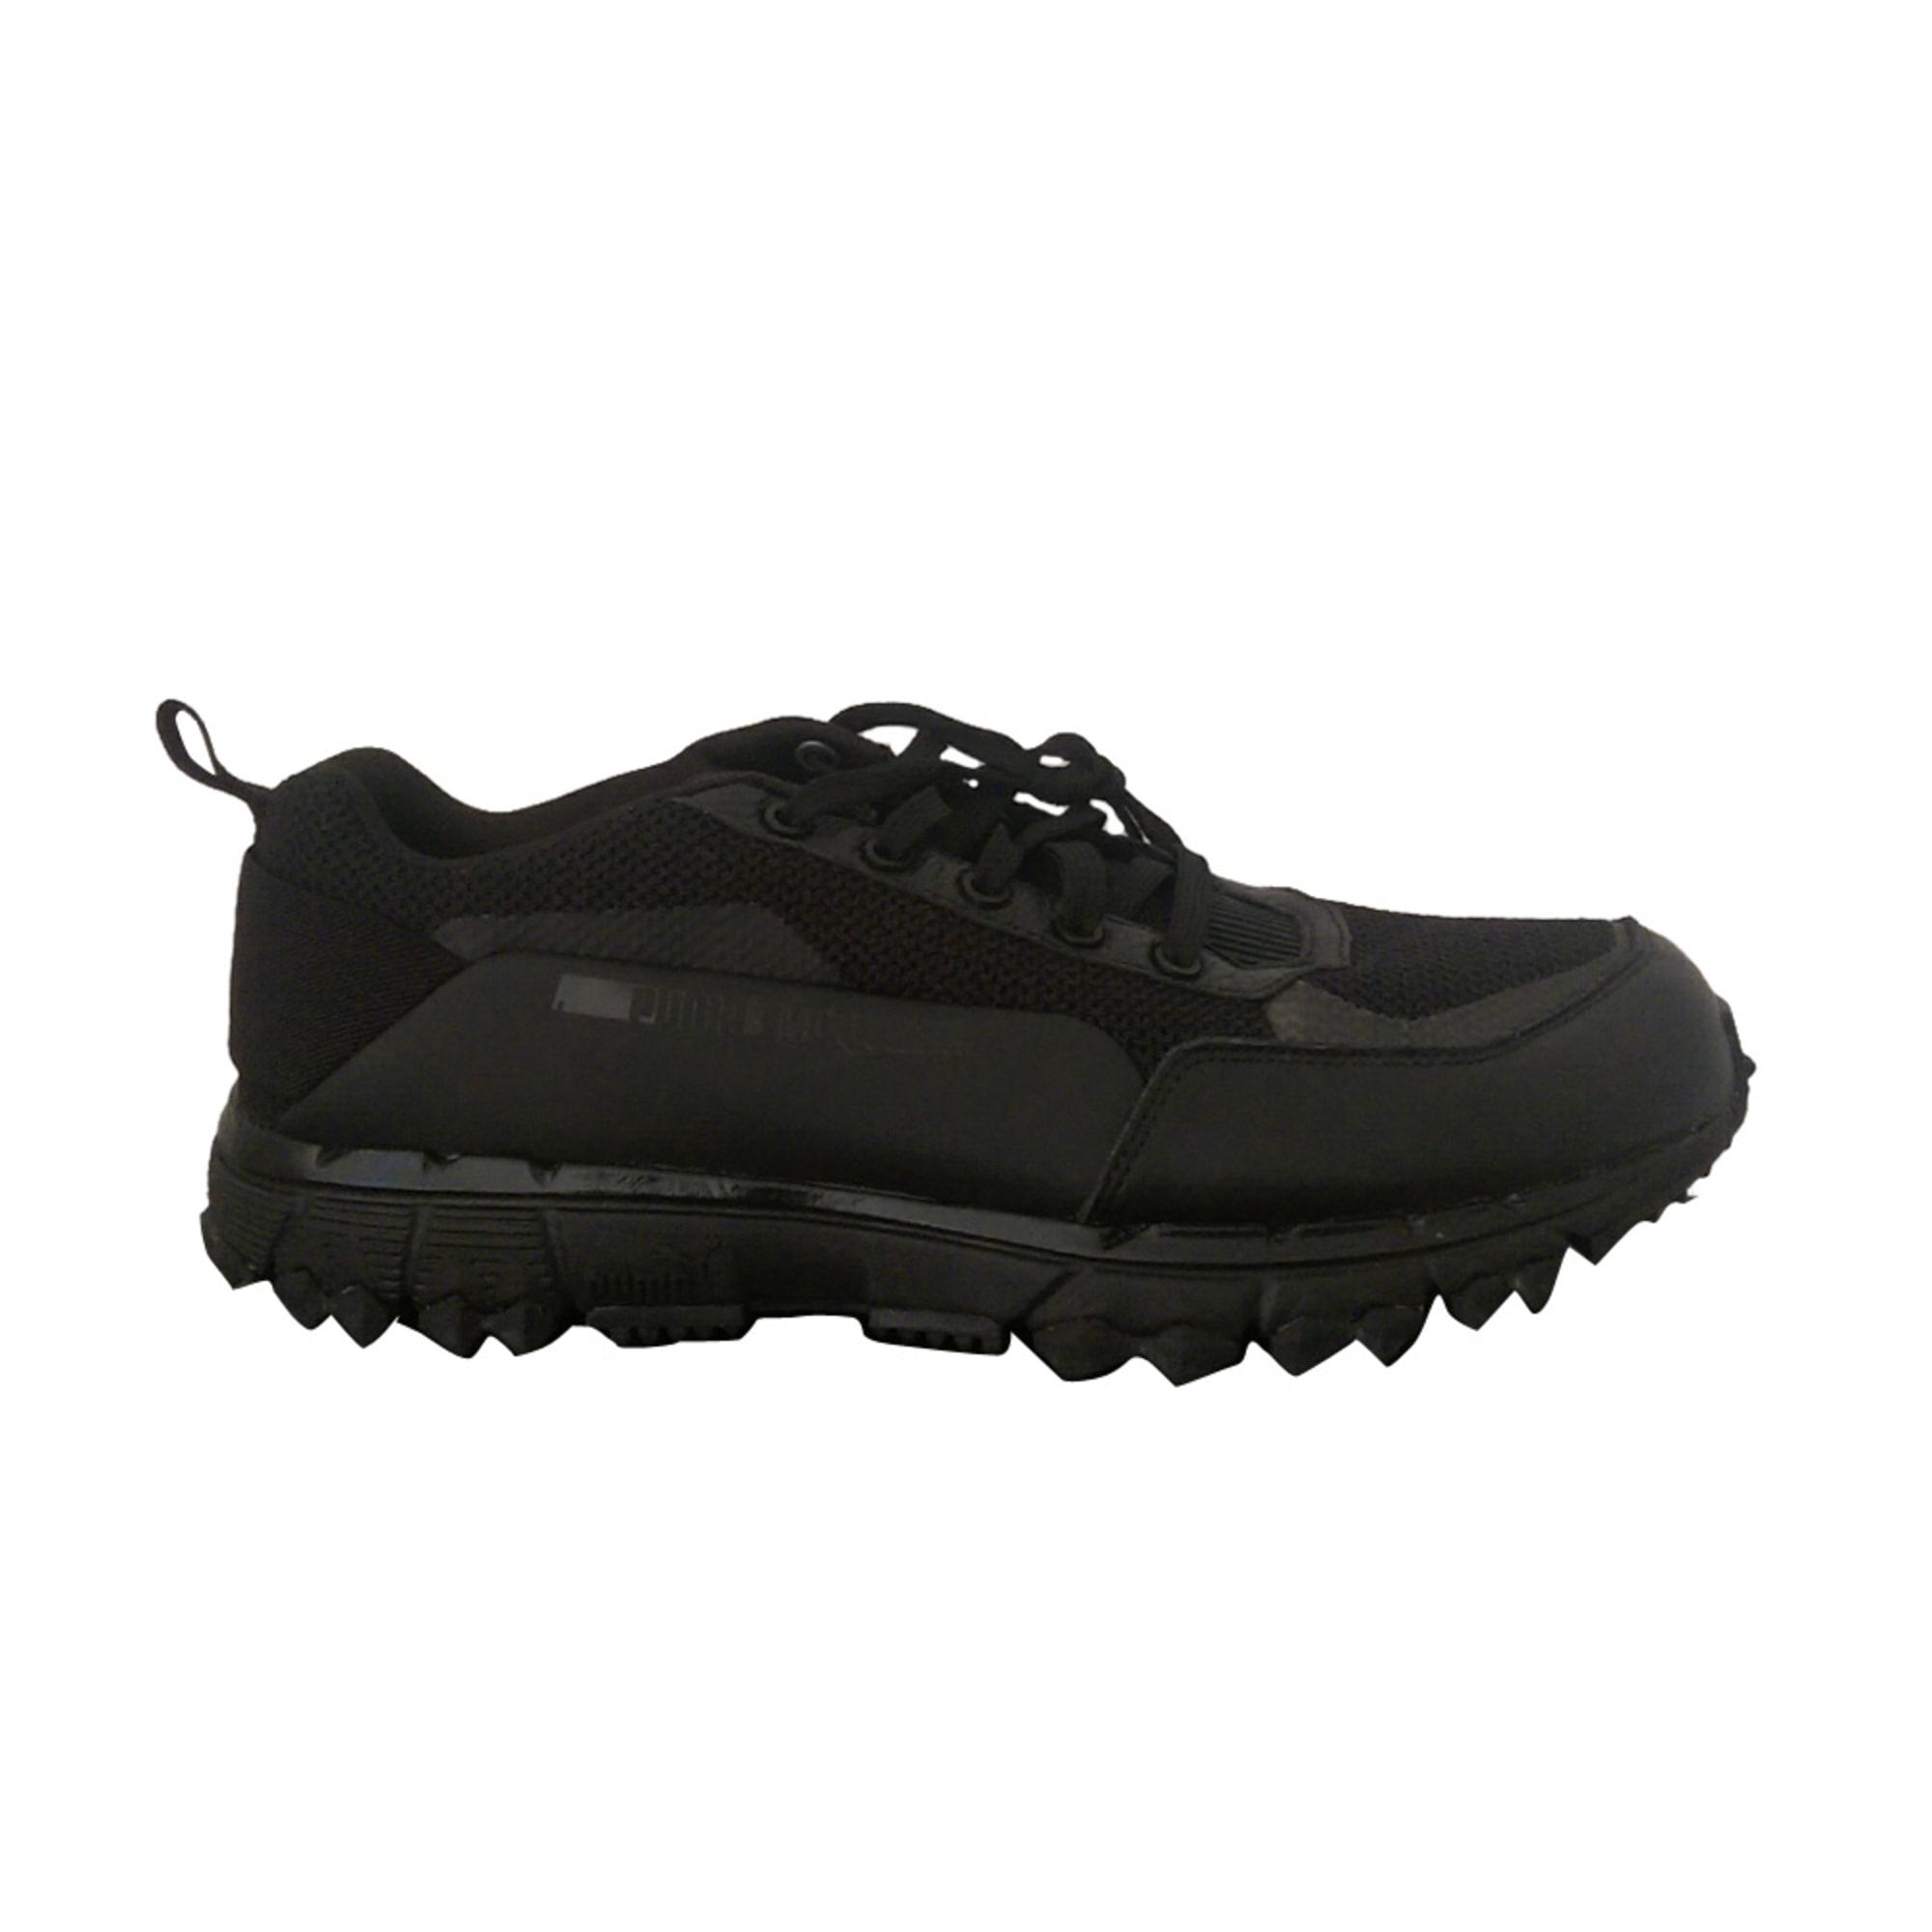 Sneakers ALEXANDER MCQUEEN PUMA 45 schwarz - 6948090